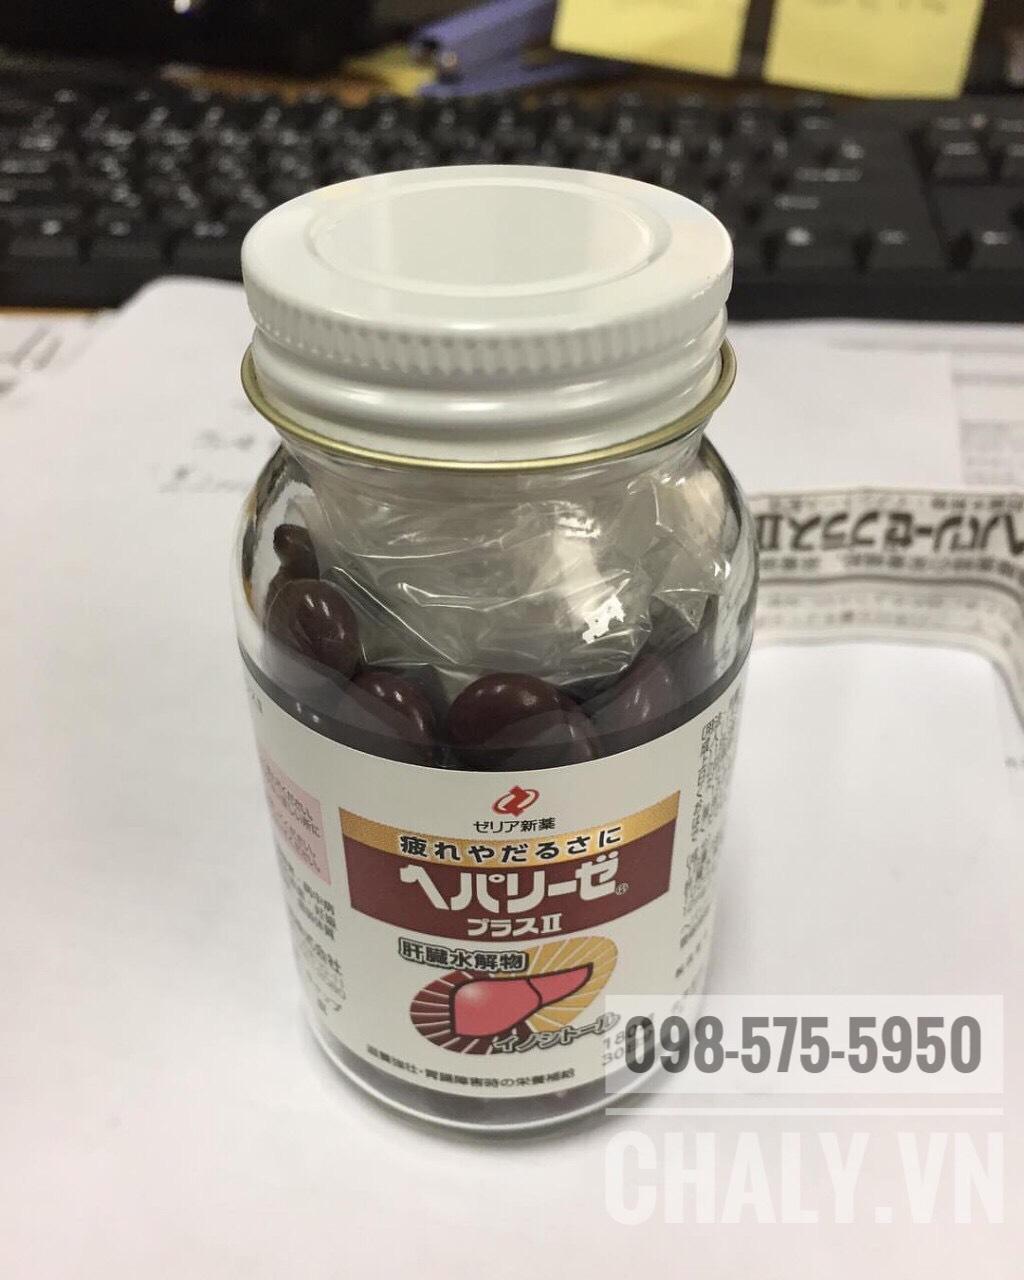 Viên thuốc bổ gan liver này rất tốt cho người gan kém như mình nên mình cũng uống thường xuyên luôn